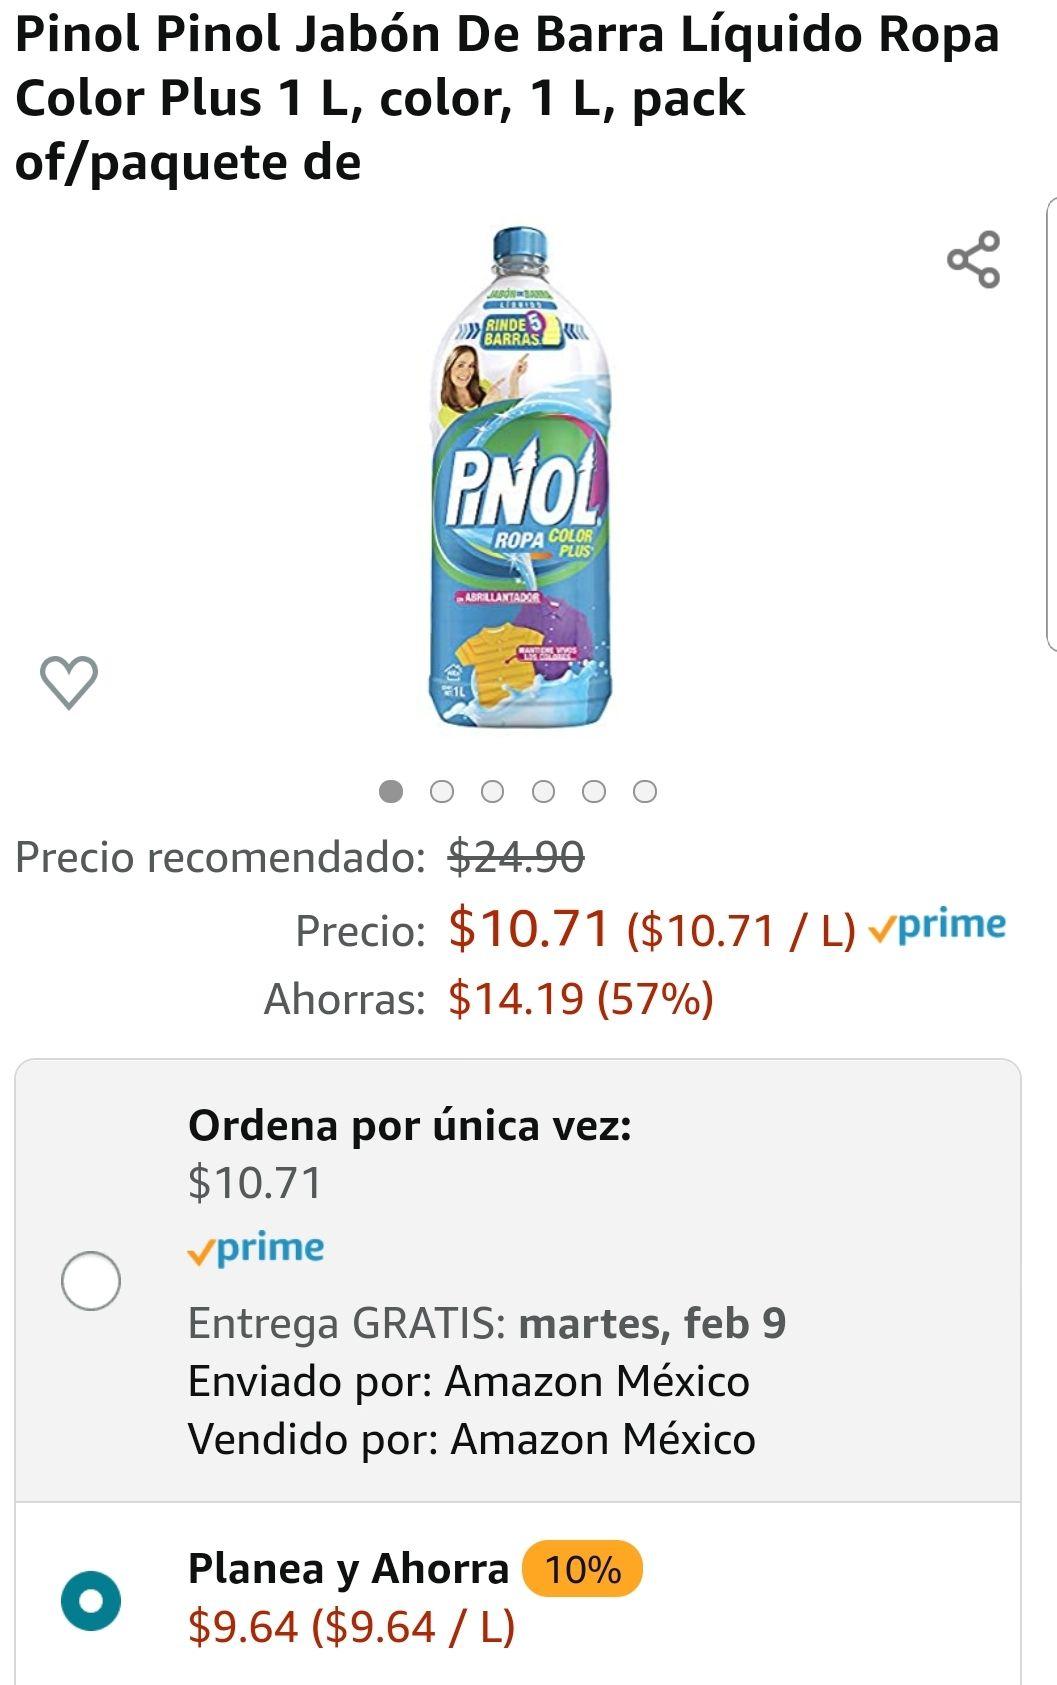 Amazon: Pinol Pinol Jabón De Barra Líquido Ropa Color Plus 1 L 11/02/21